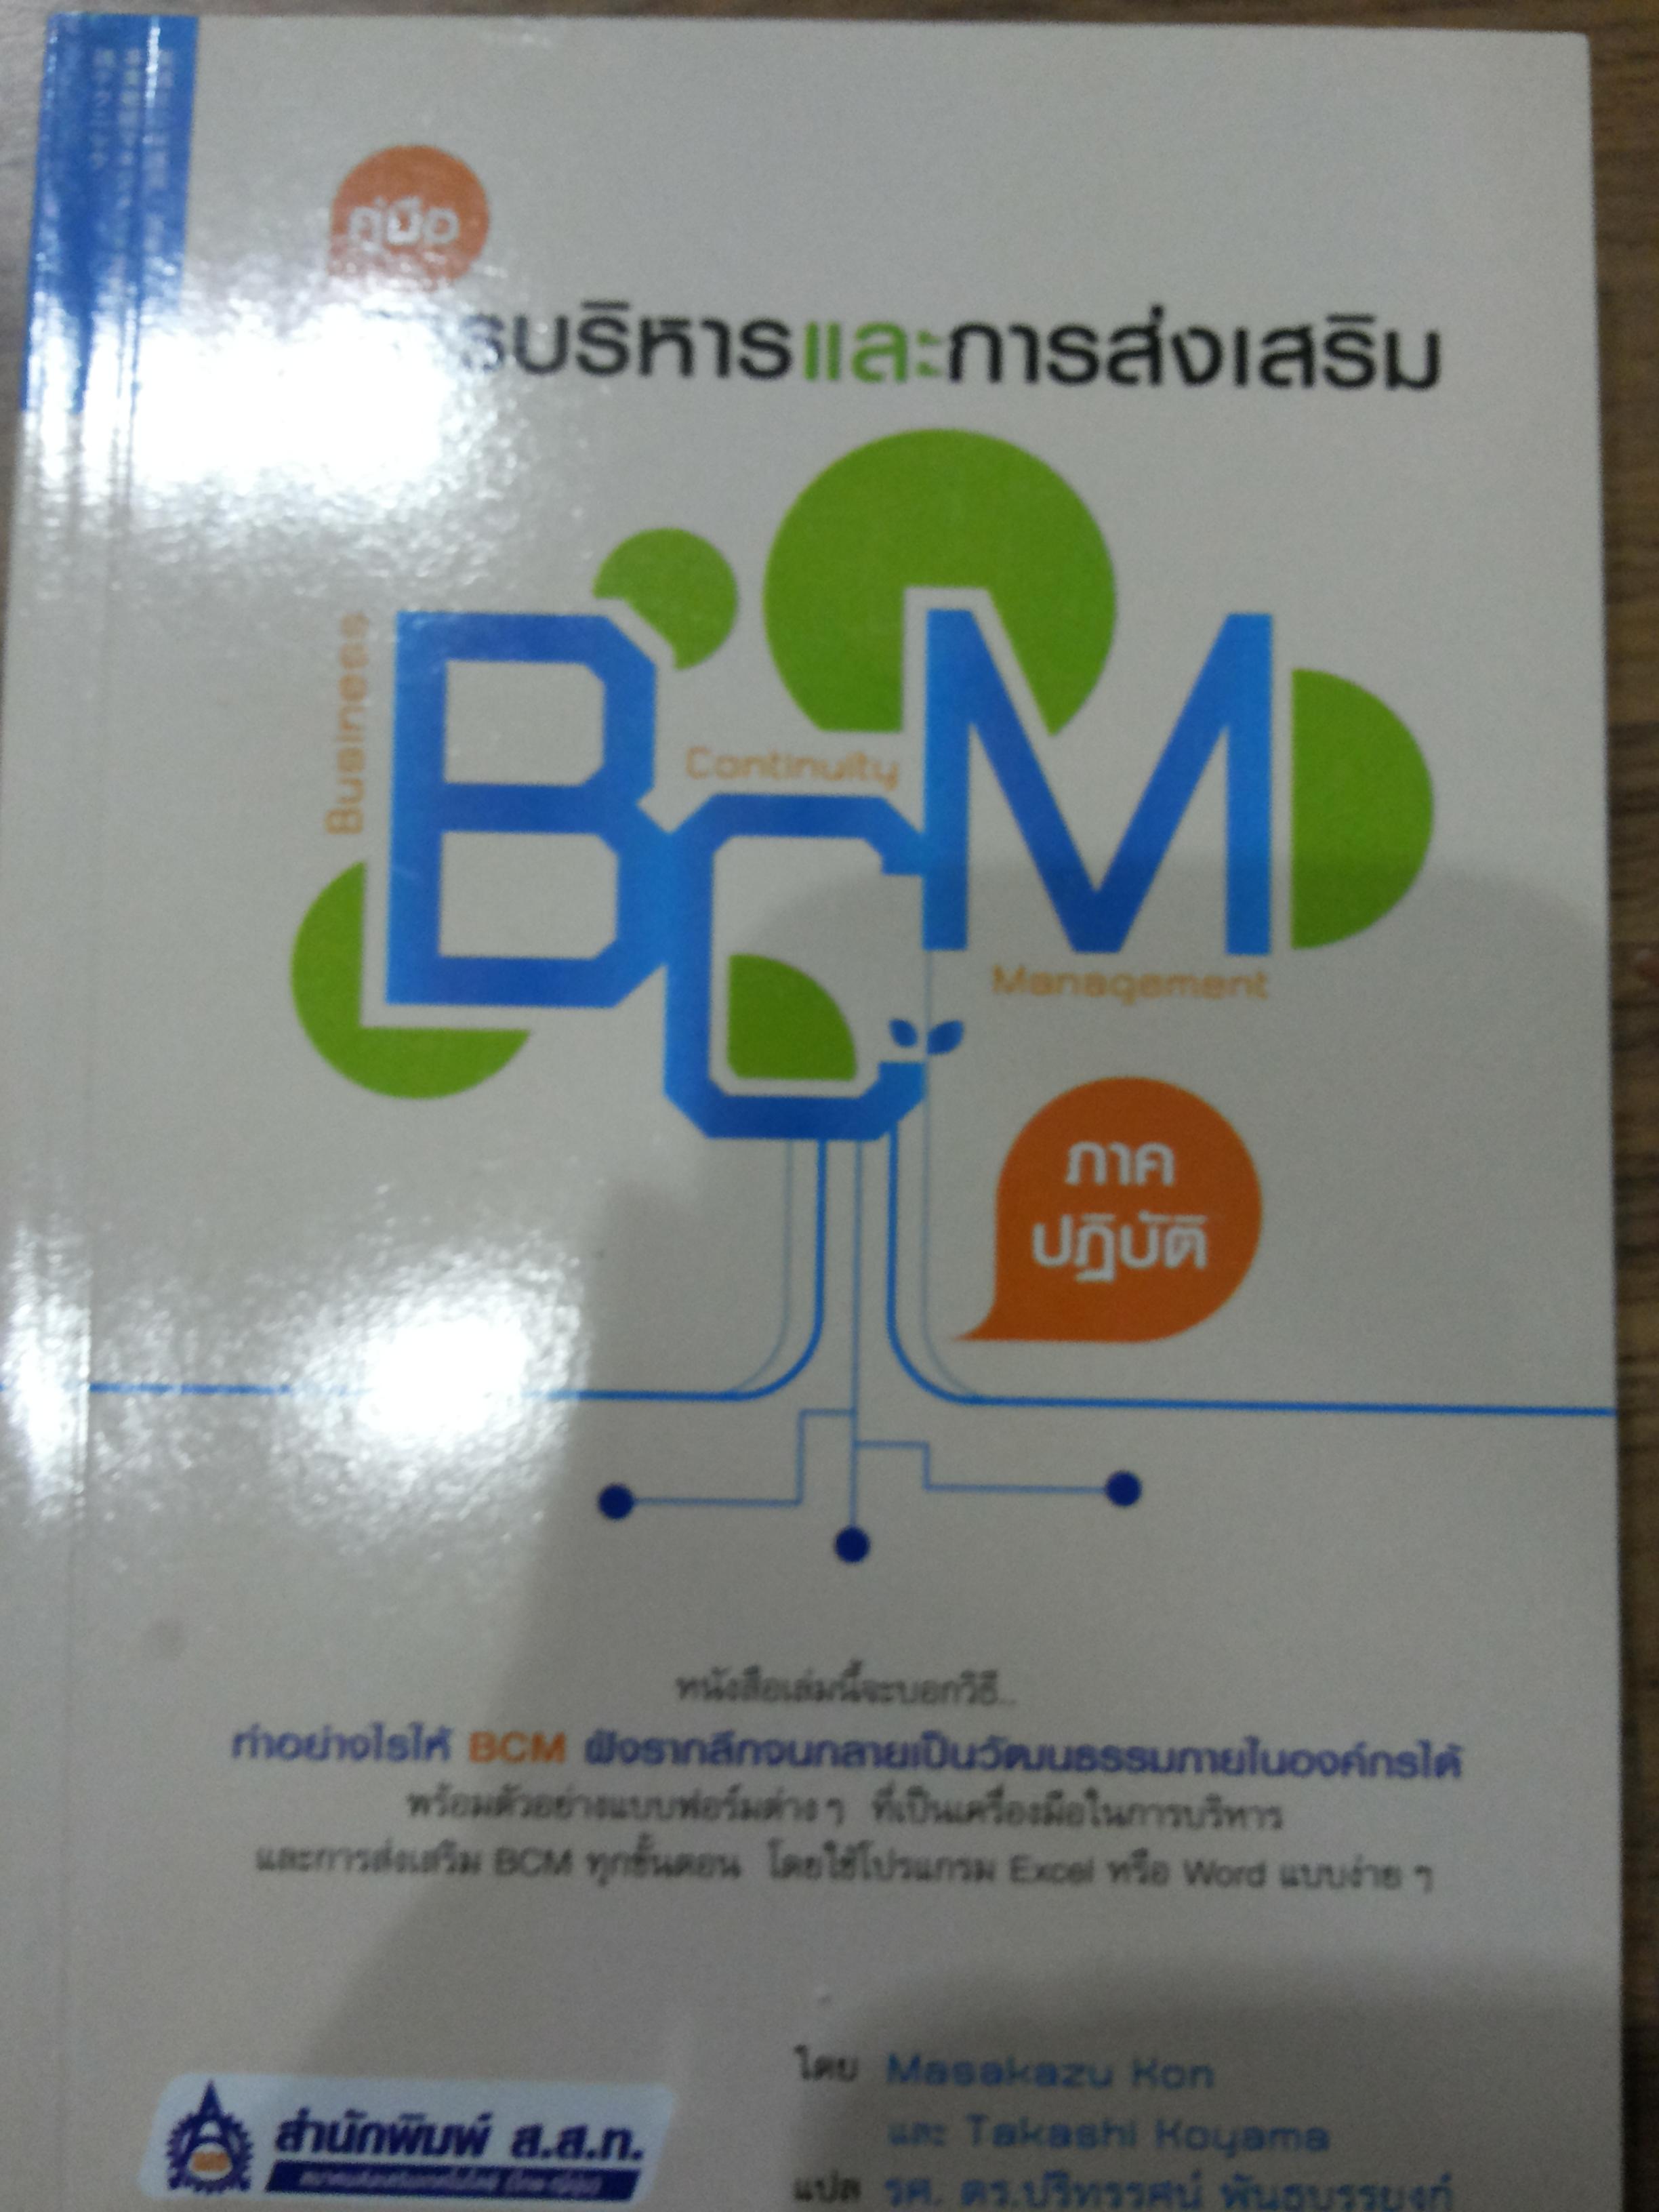 คู่มือการบริหารและการส่งเสริม BCM ภาคปฏิบัติ